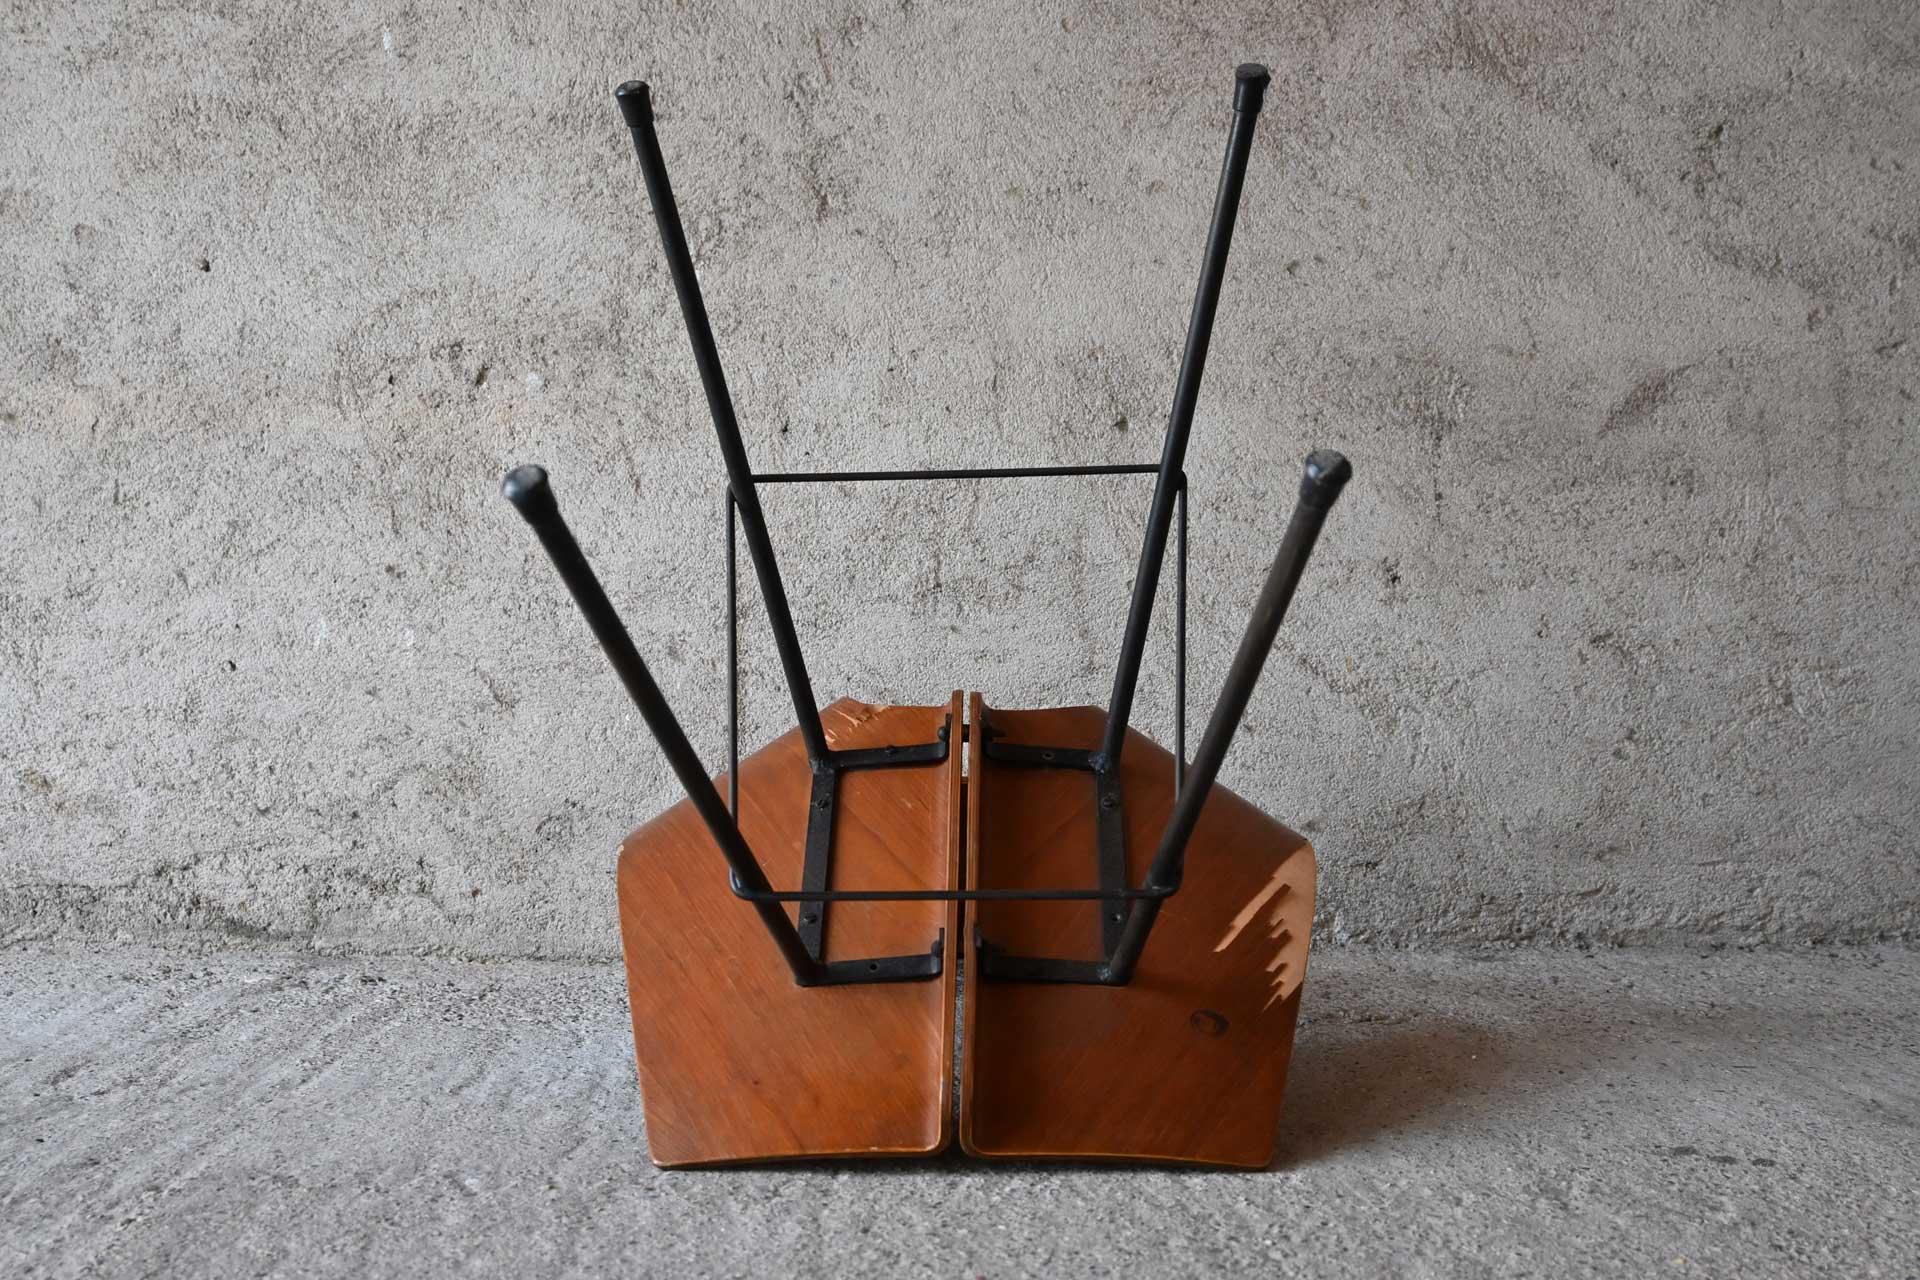 Società Compensati Curvi Monza 1950